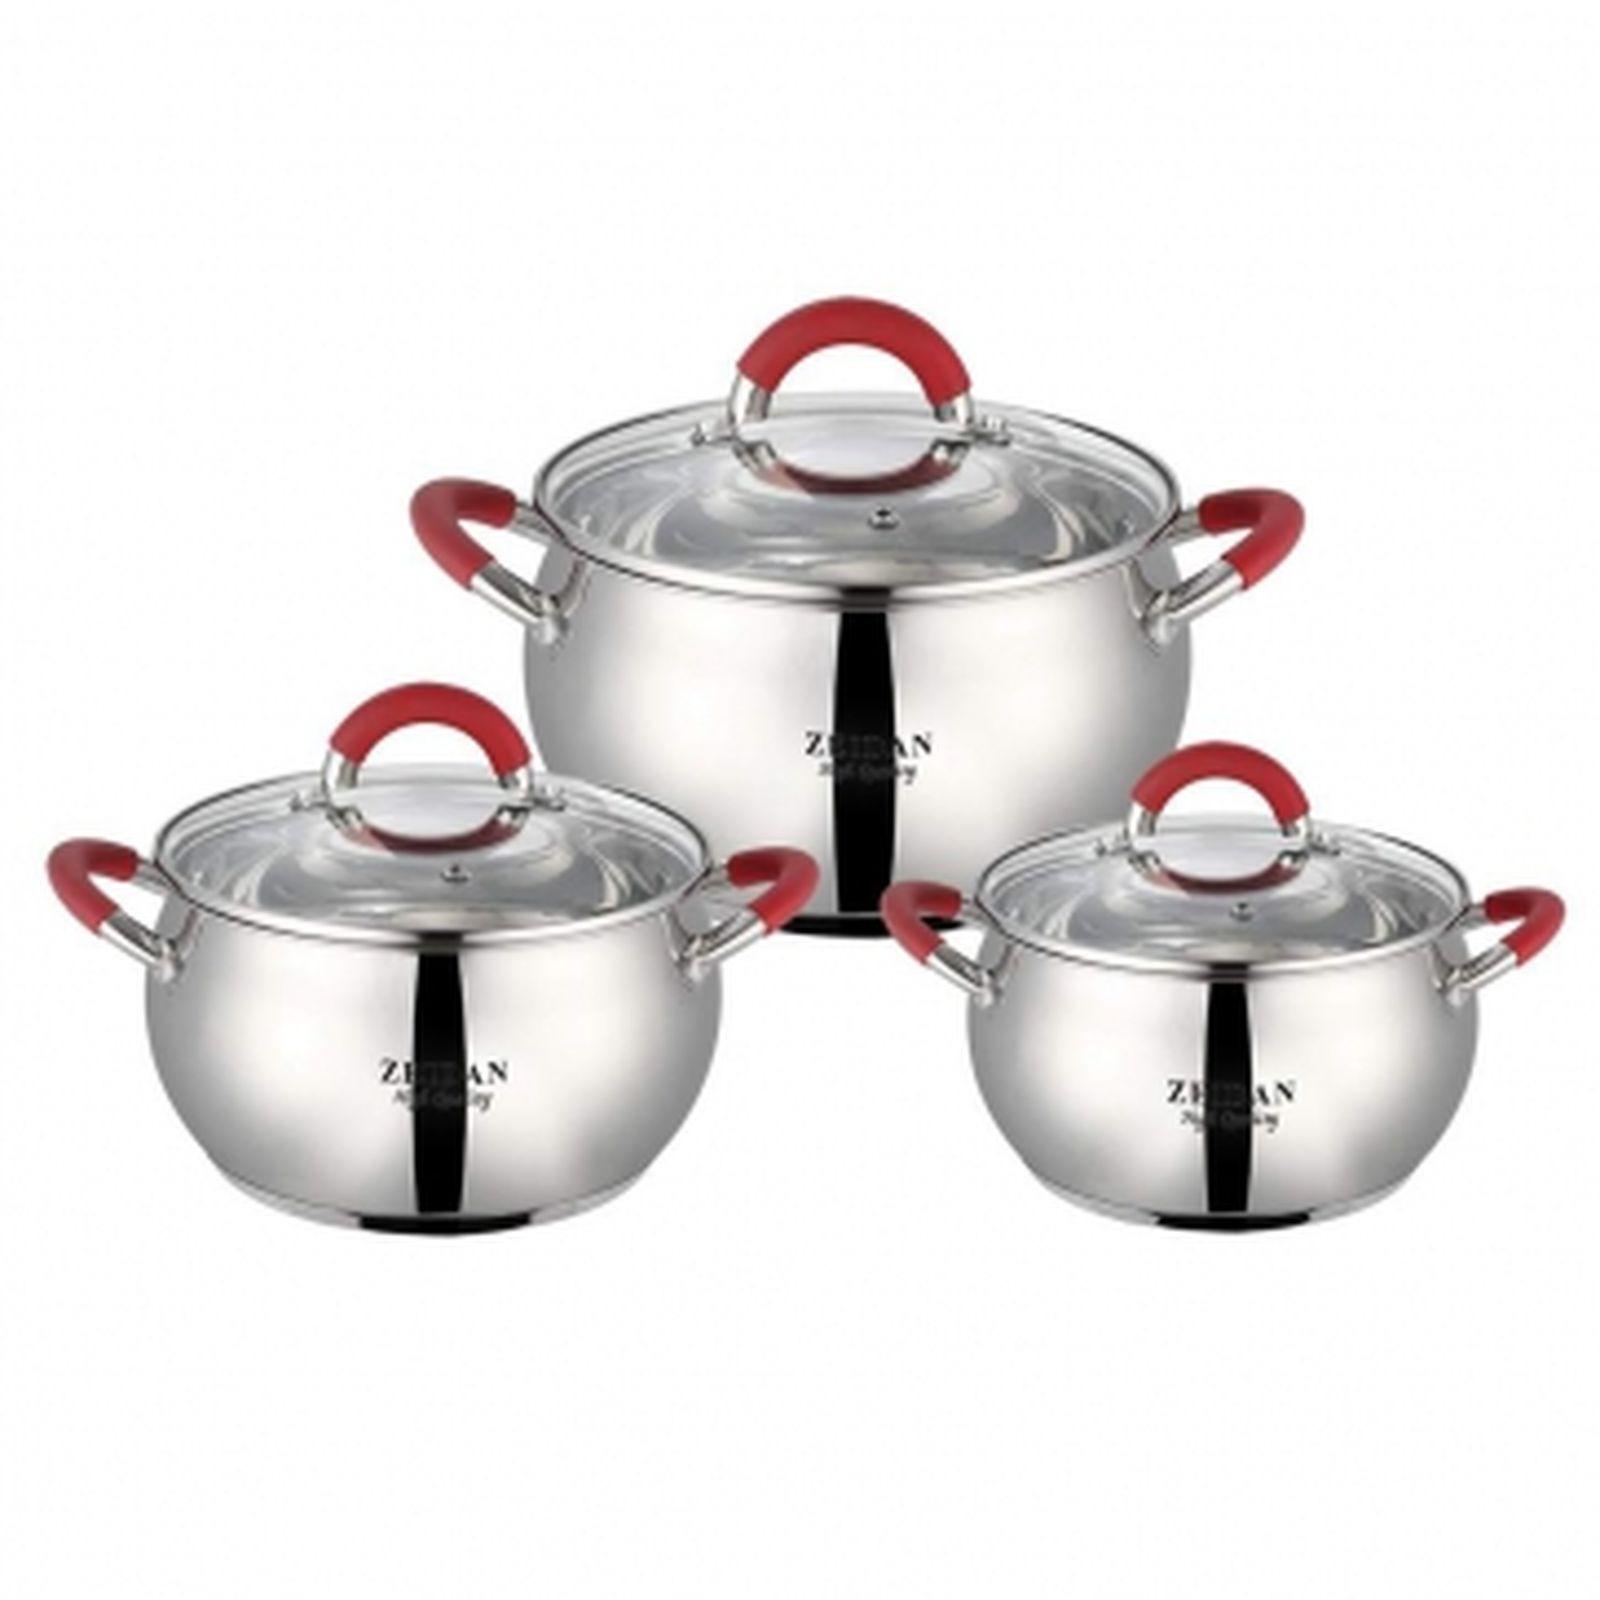 Набор посуды Zeidan, Z-50612, с крышками, 6 предметов